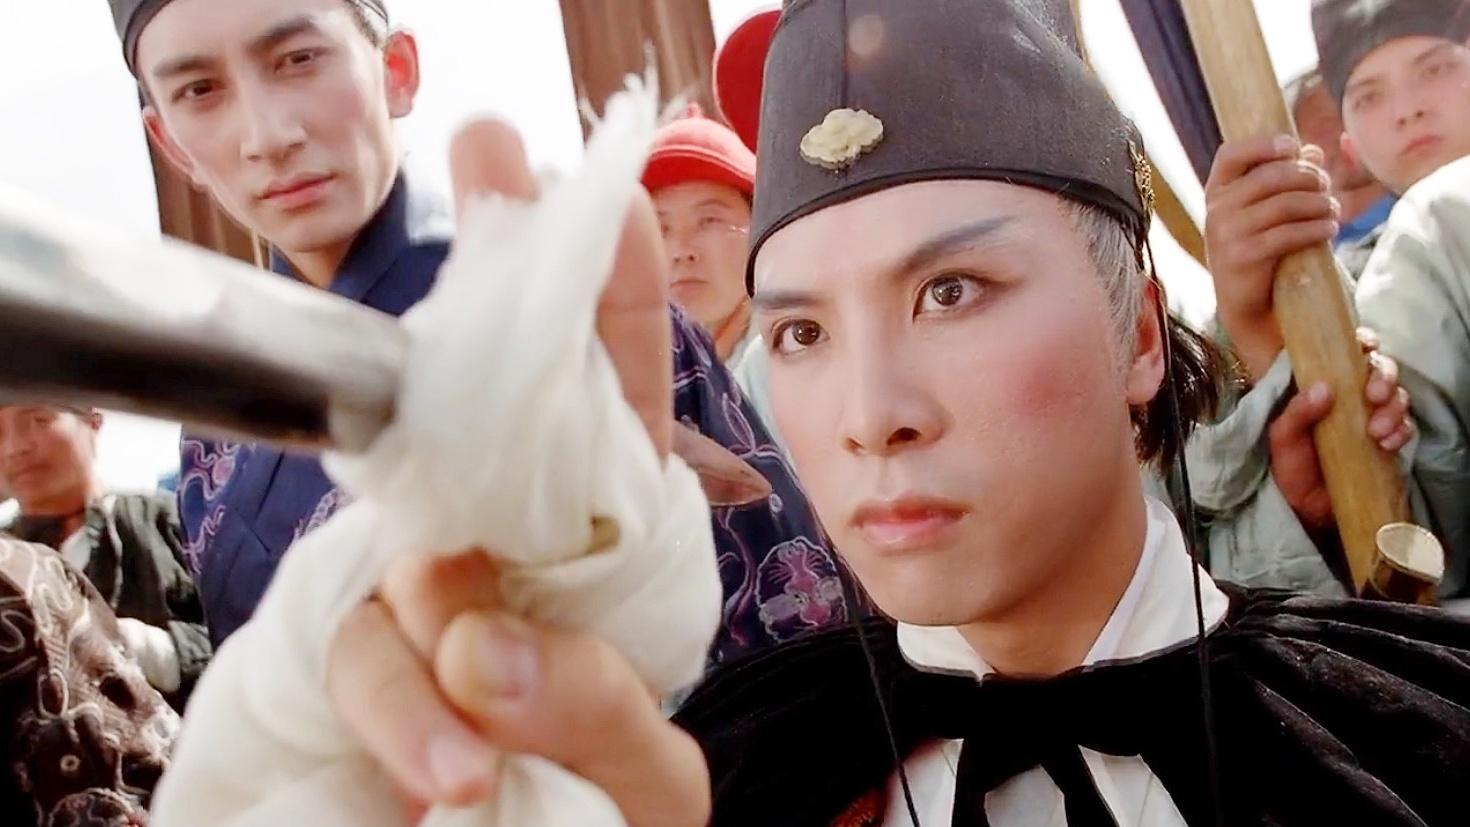 甄子丹唯一一次演太监,东厂第一高手霸气十足,却败给一个厨子!